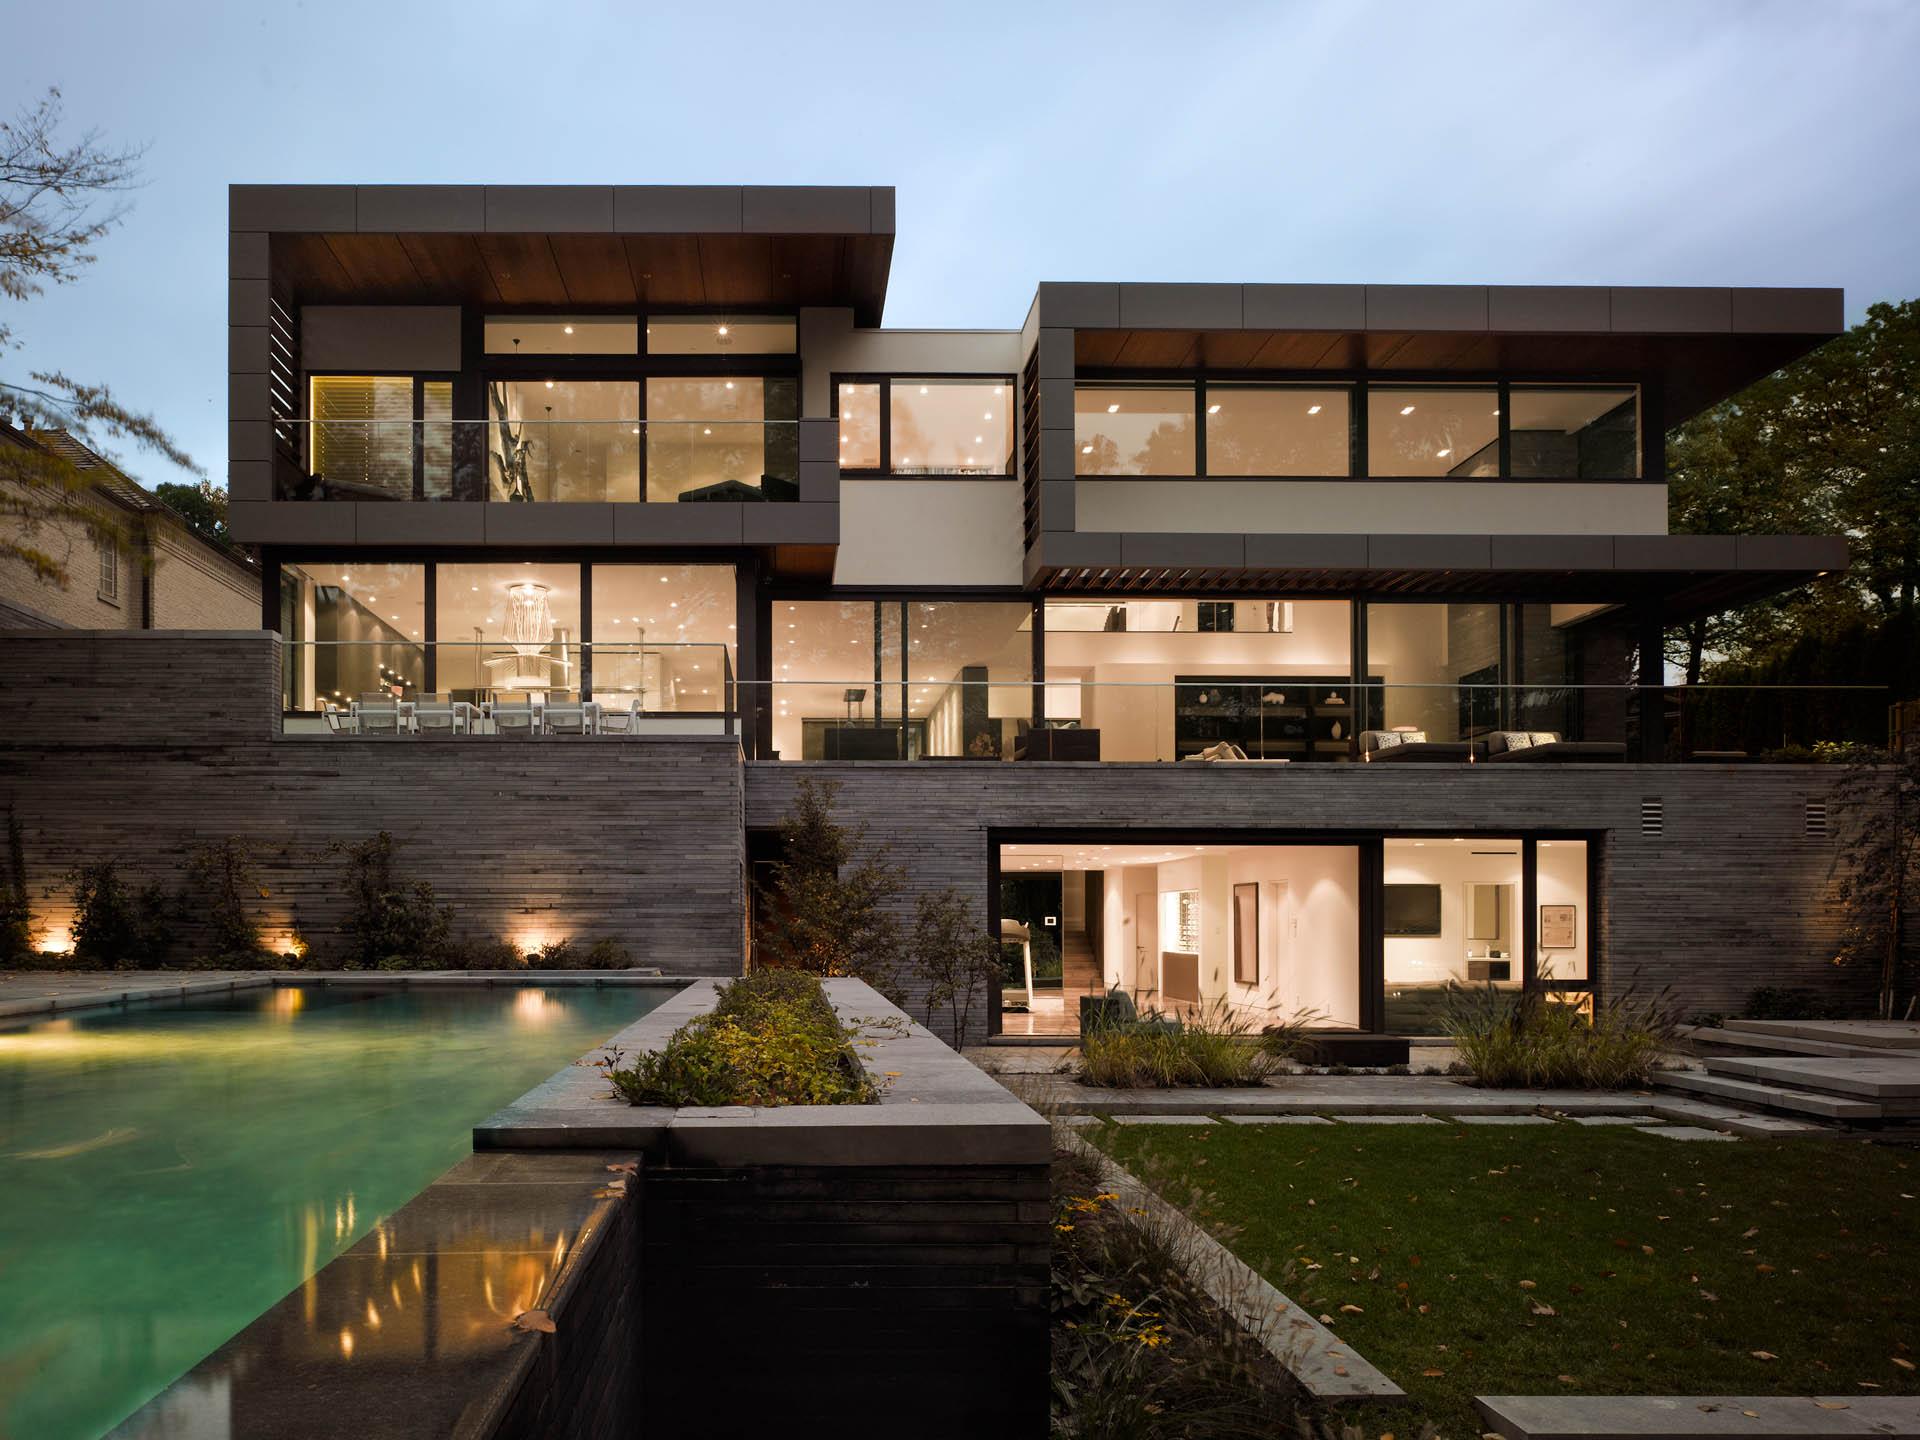 Projects - rchitectural Design Dallas 469.867.7526 - ^